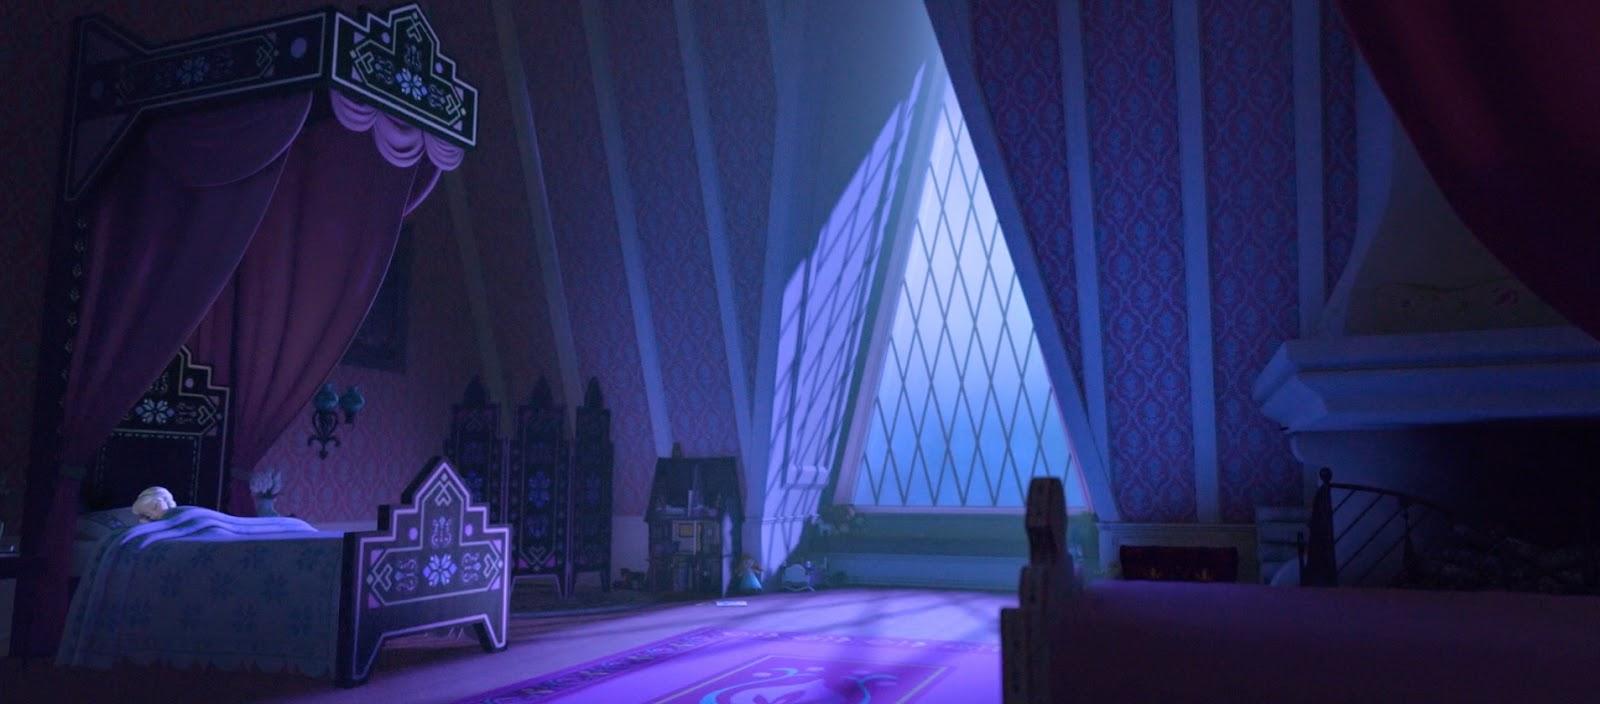 20 Animasi Gambar Kartun Frozen Bergerak Lucu Ktawacom Ayo Ketawa